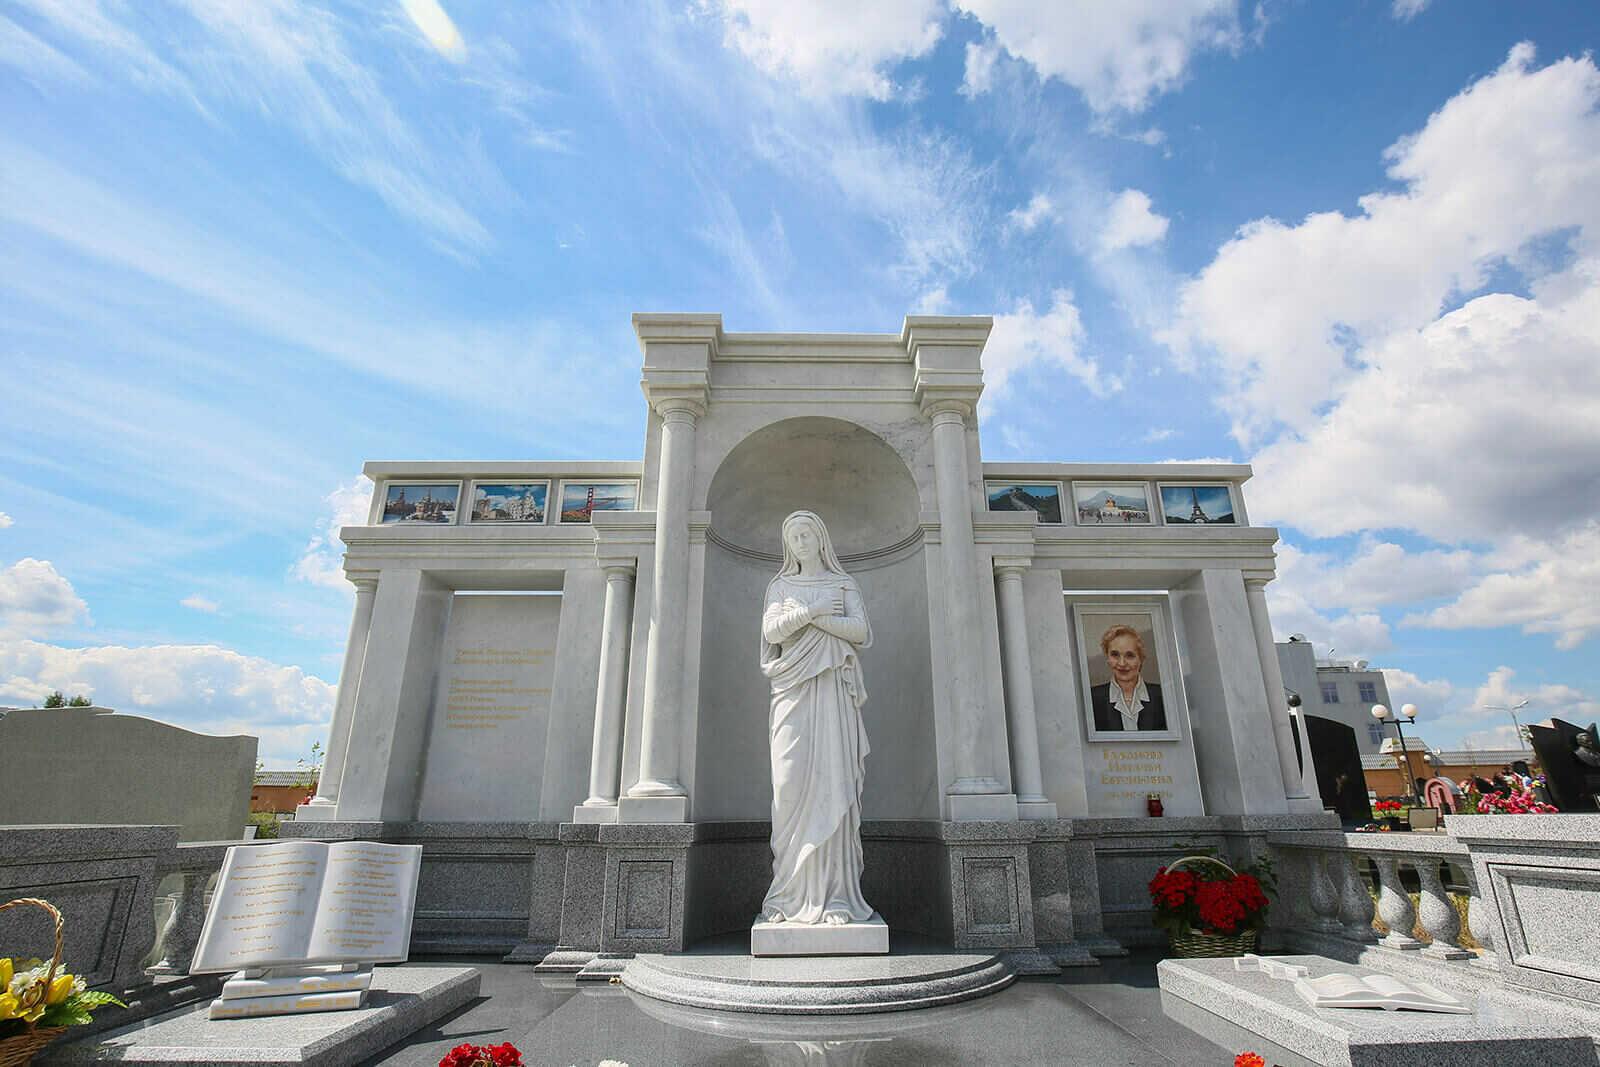 крыльцо, фото хабаровск мемориальные памятники с фото и ценой можно козленочка превратиться